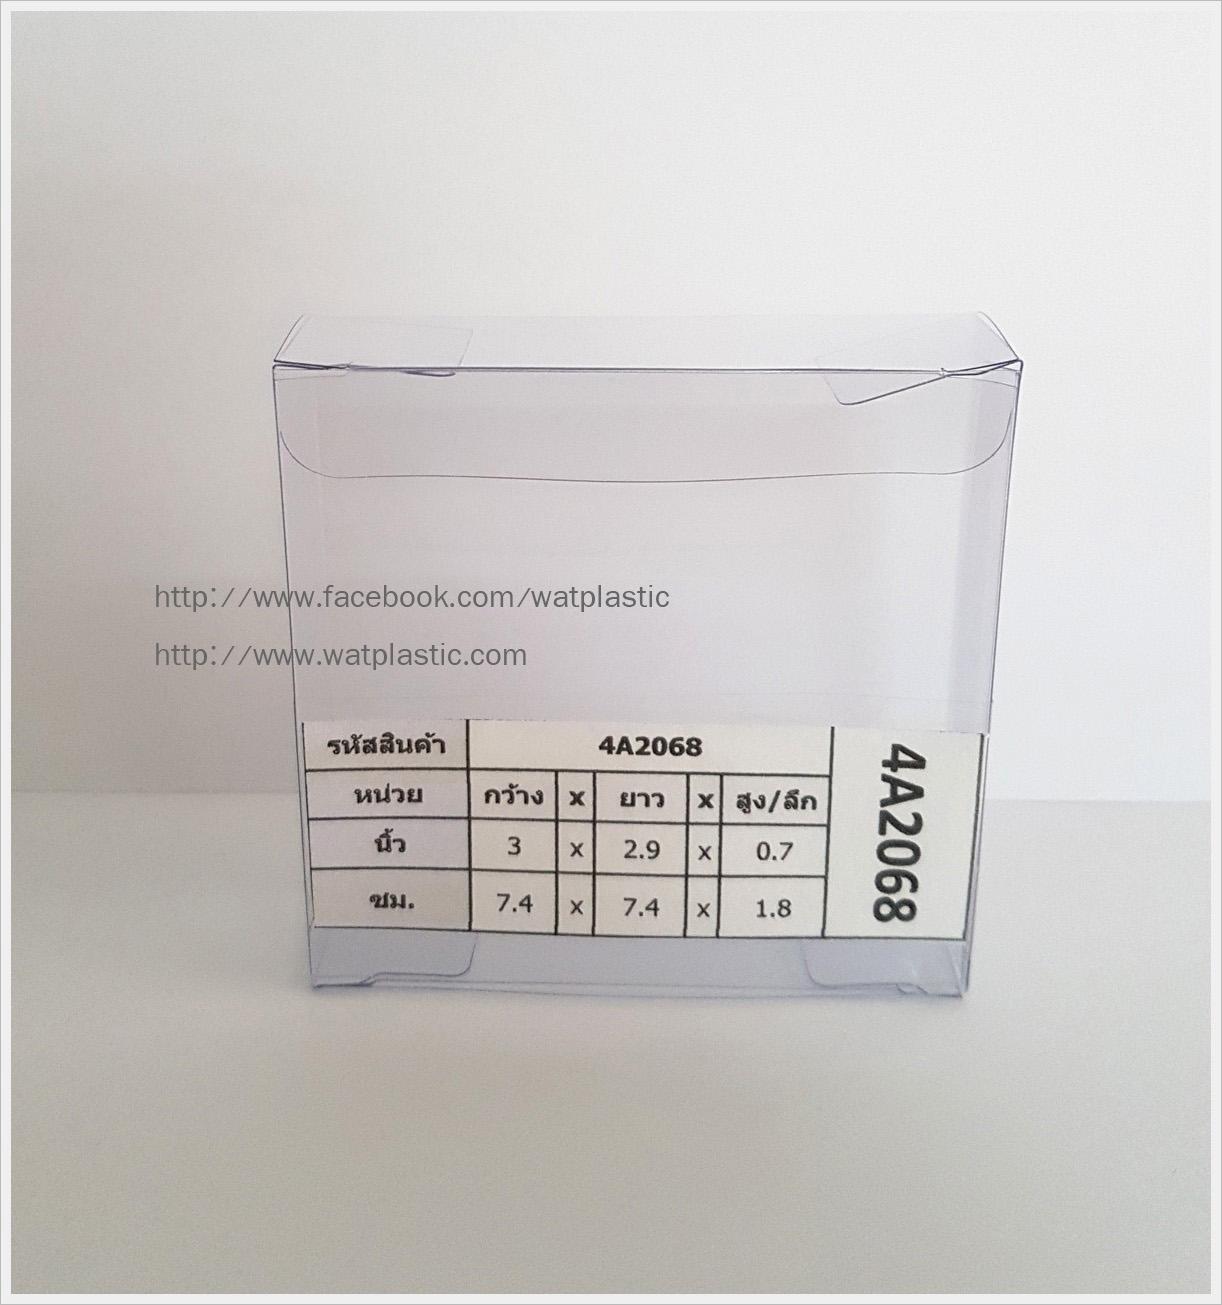 กล่อง ตลับครีม/กระปุกครีม ขนาด 7.4 x 7.4 x 1.8 cm